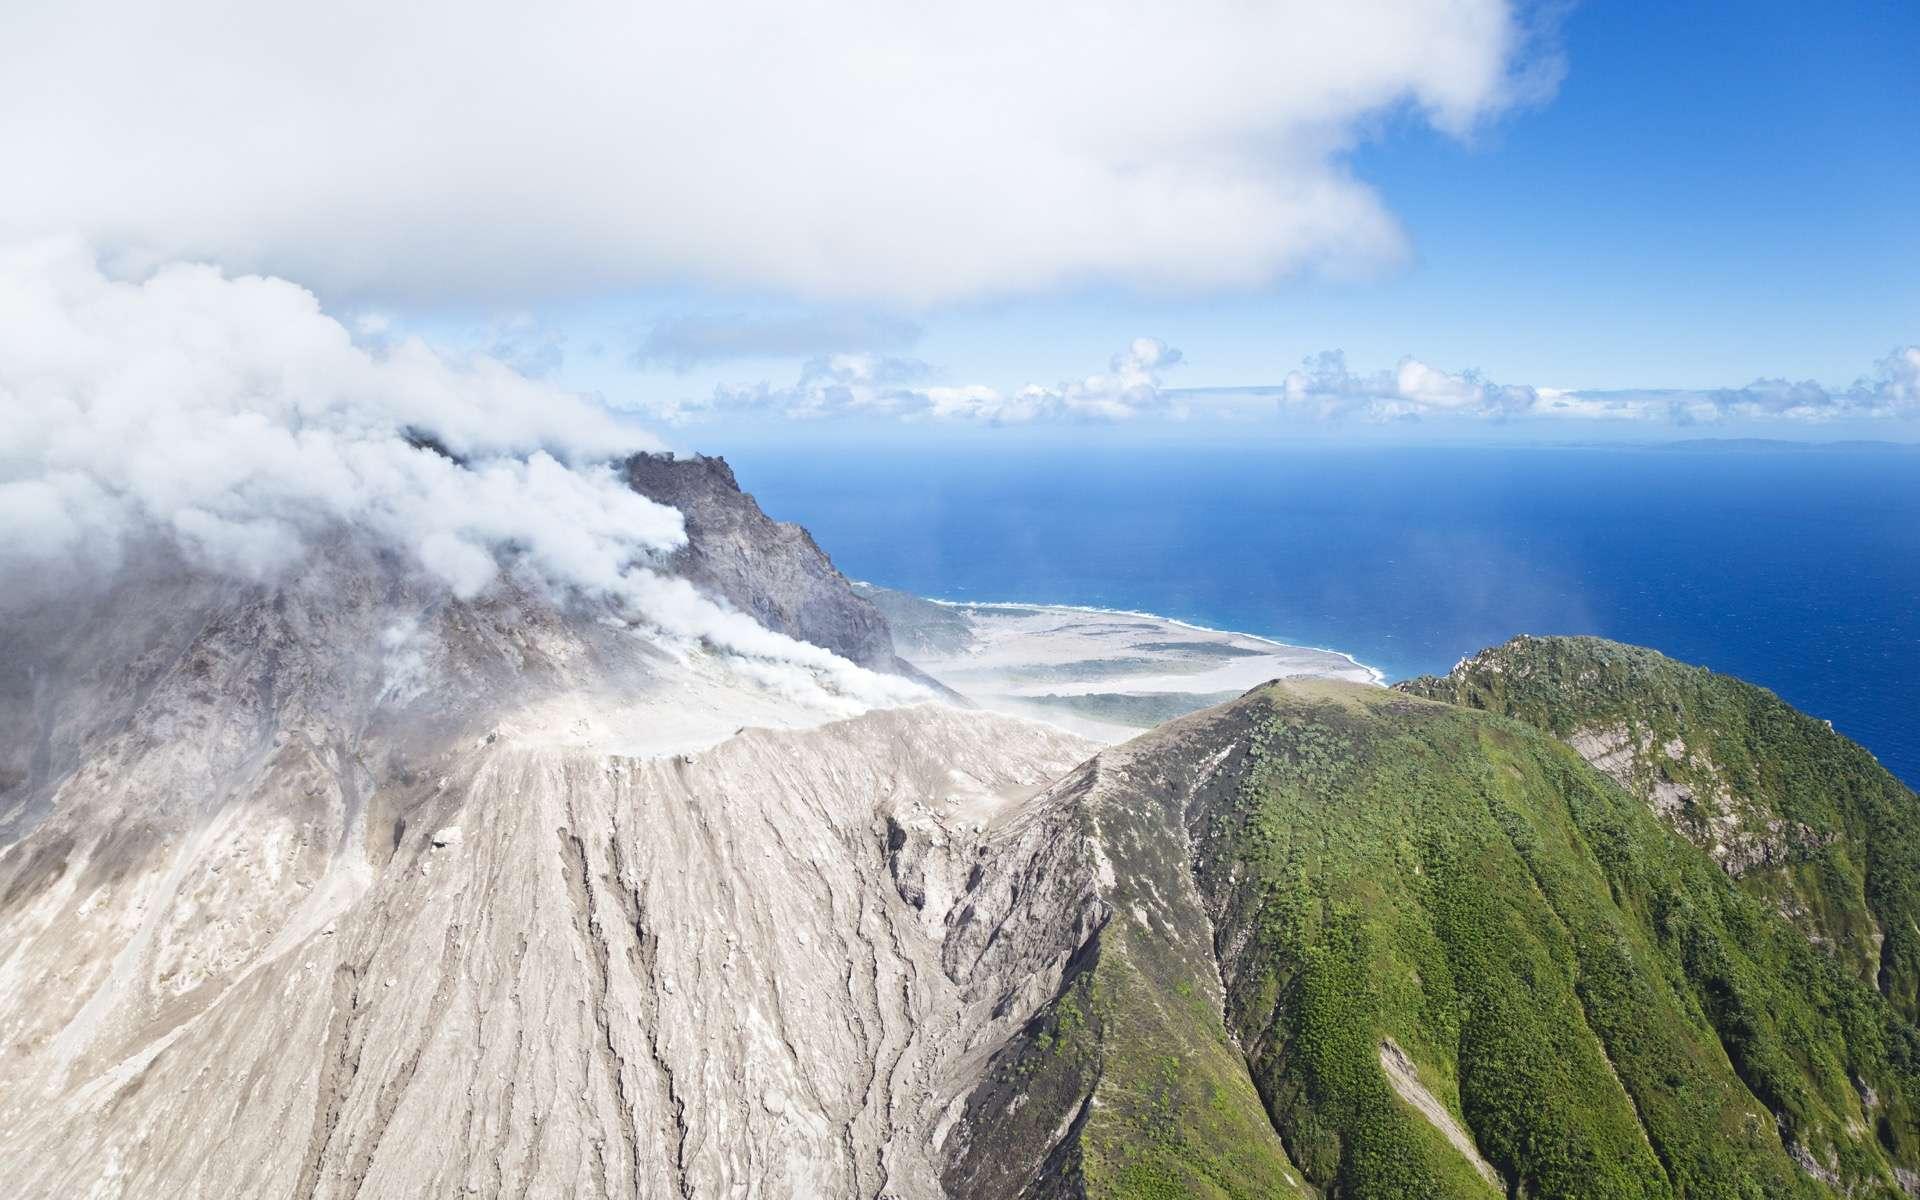 Les écoulements pyroclastiques lors des éruptions volcaniques génèrent des tsunamis. © IndustryAndTravel, Adobe Stock